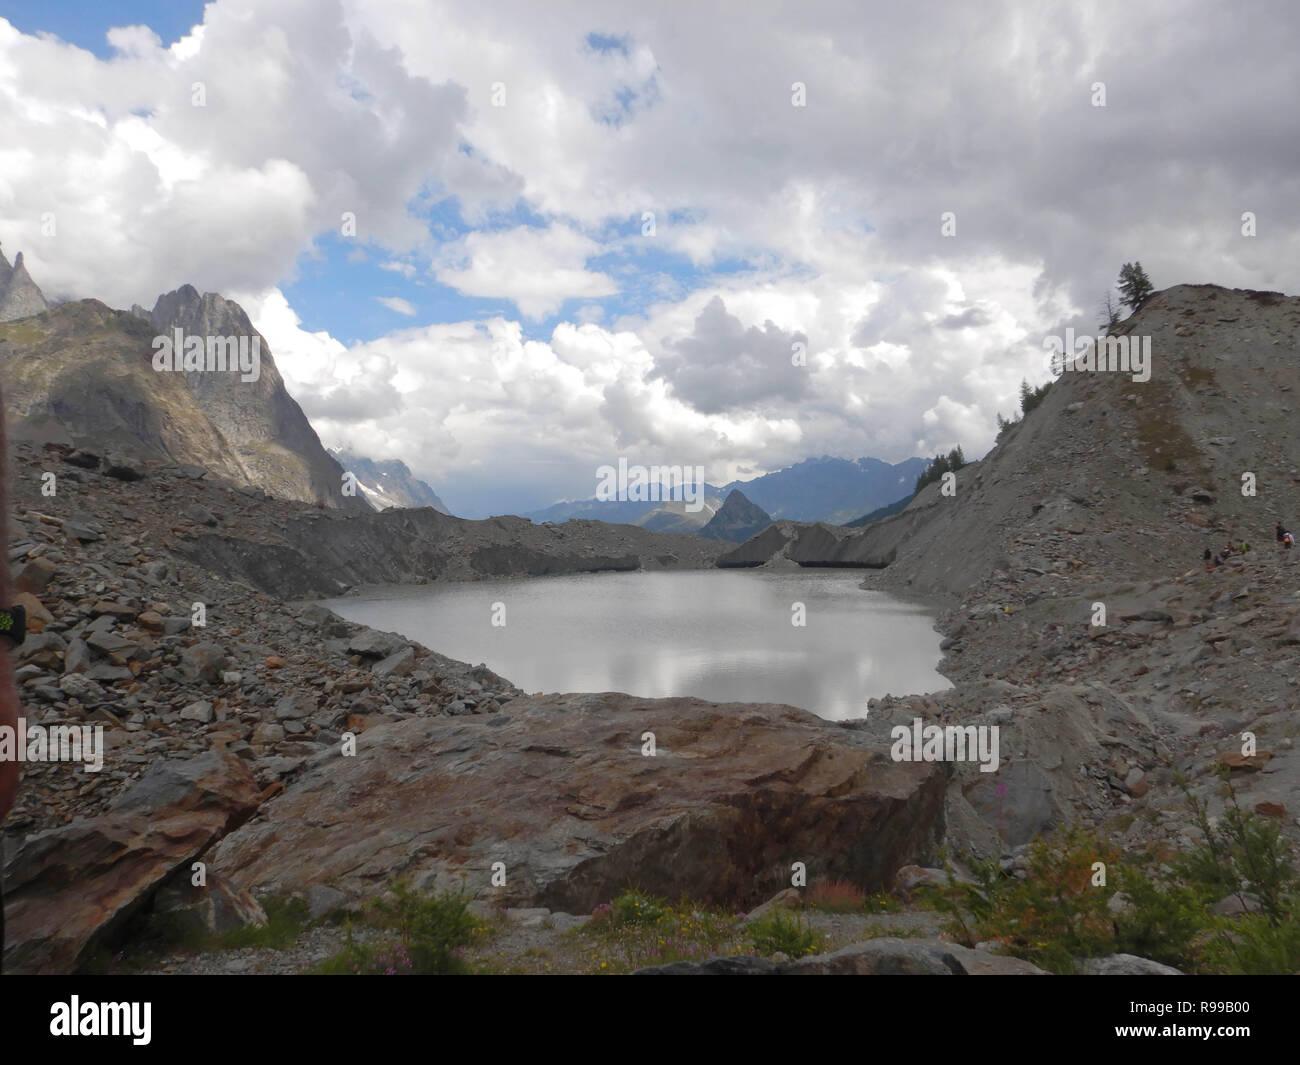 Veny Valley, Val d'Aosta - Italy. Lake Miage - Stock Image